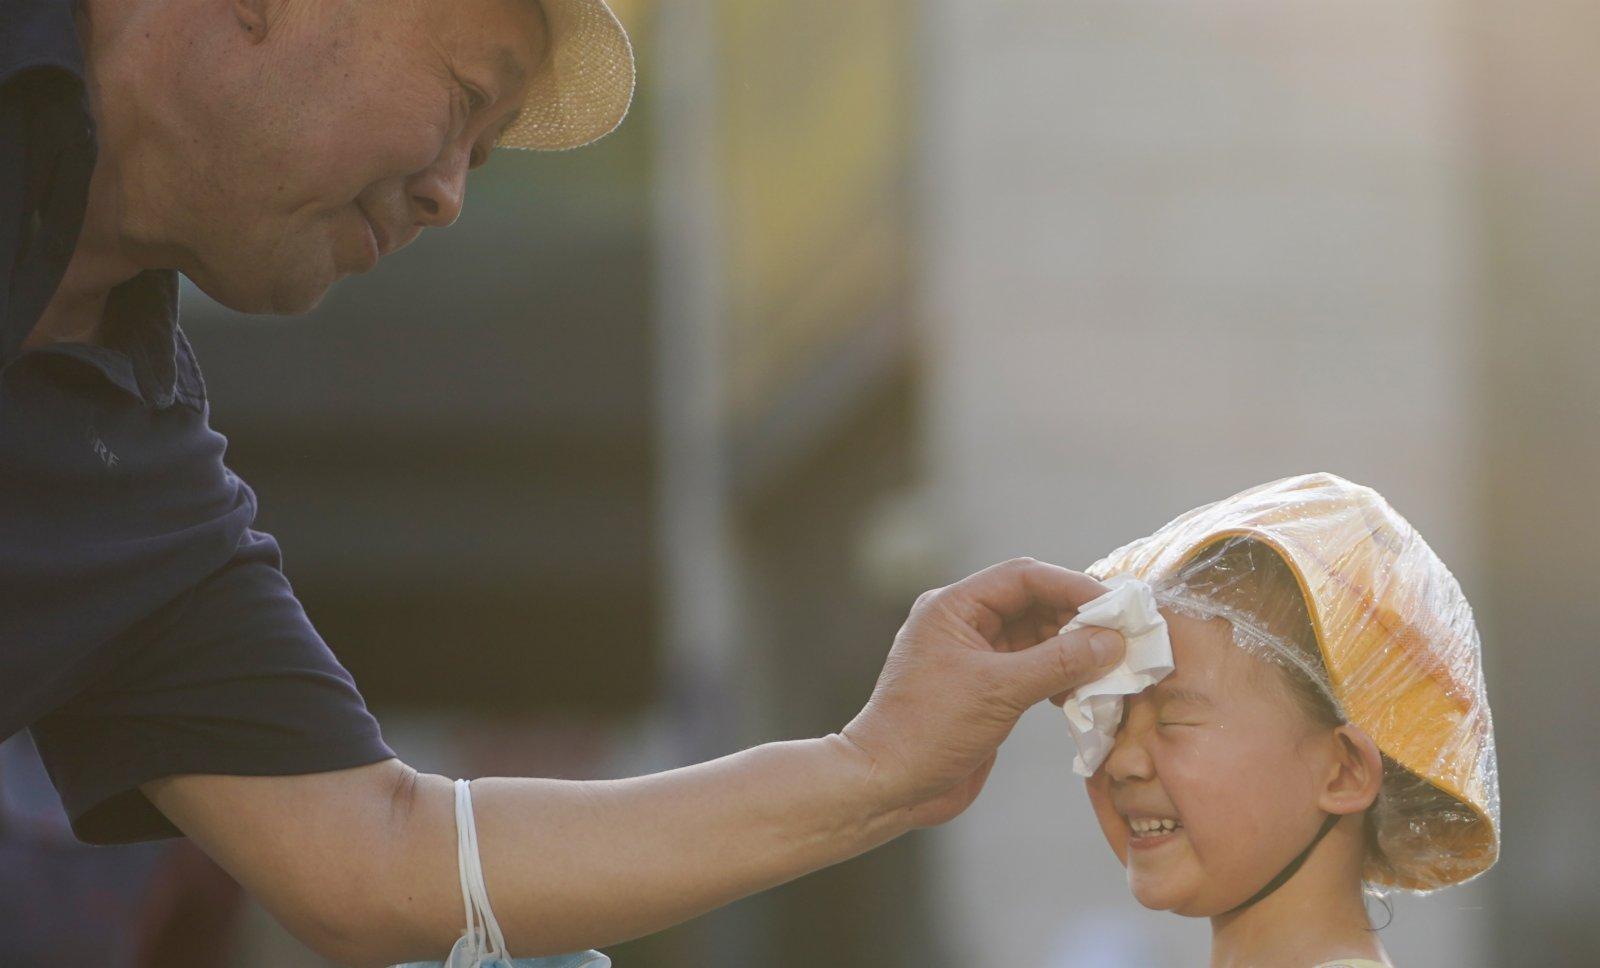 6月20日,在北京華熙LIVE·五棵松商業街區一處噴泉旁,家長擦乾小朋友臉上的水。(新華社)